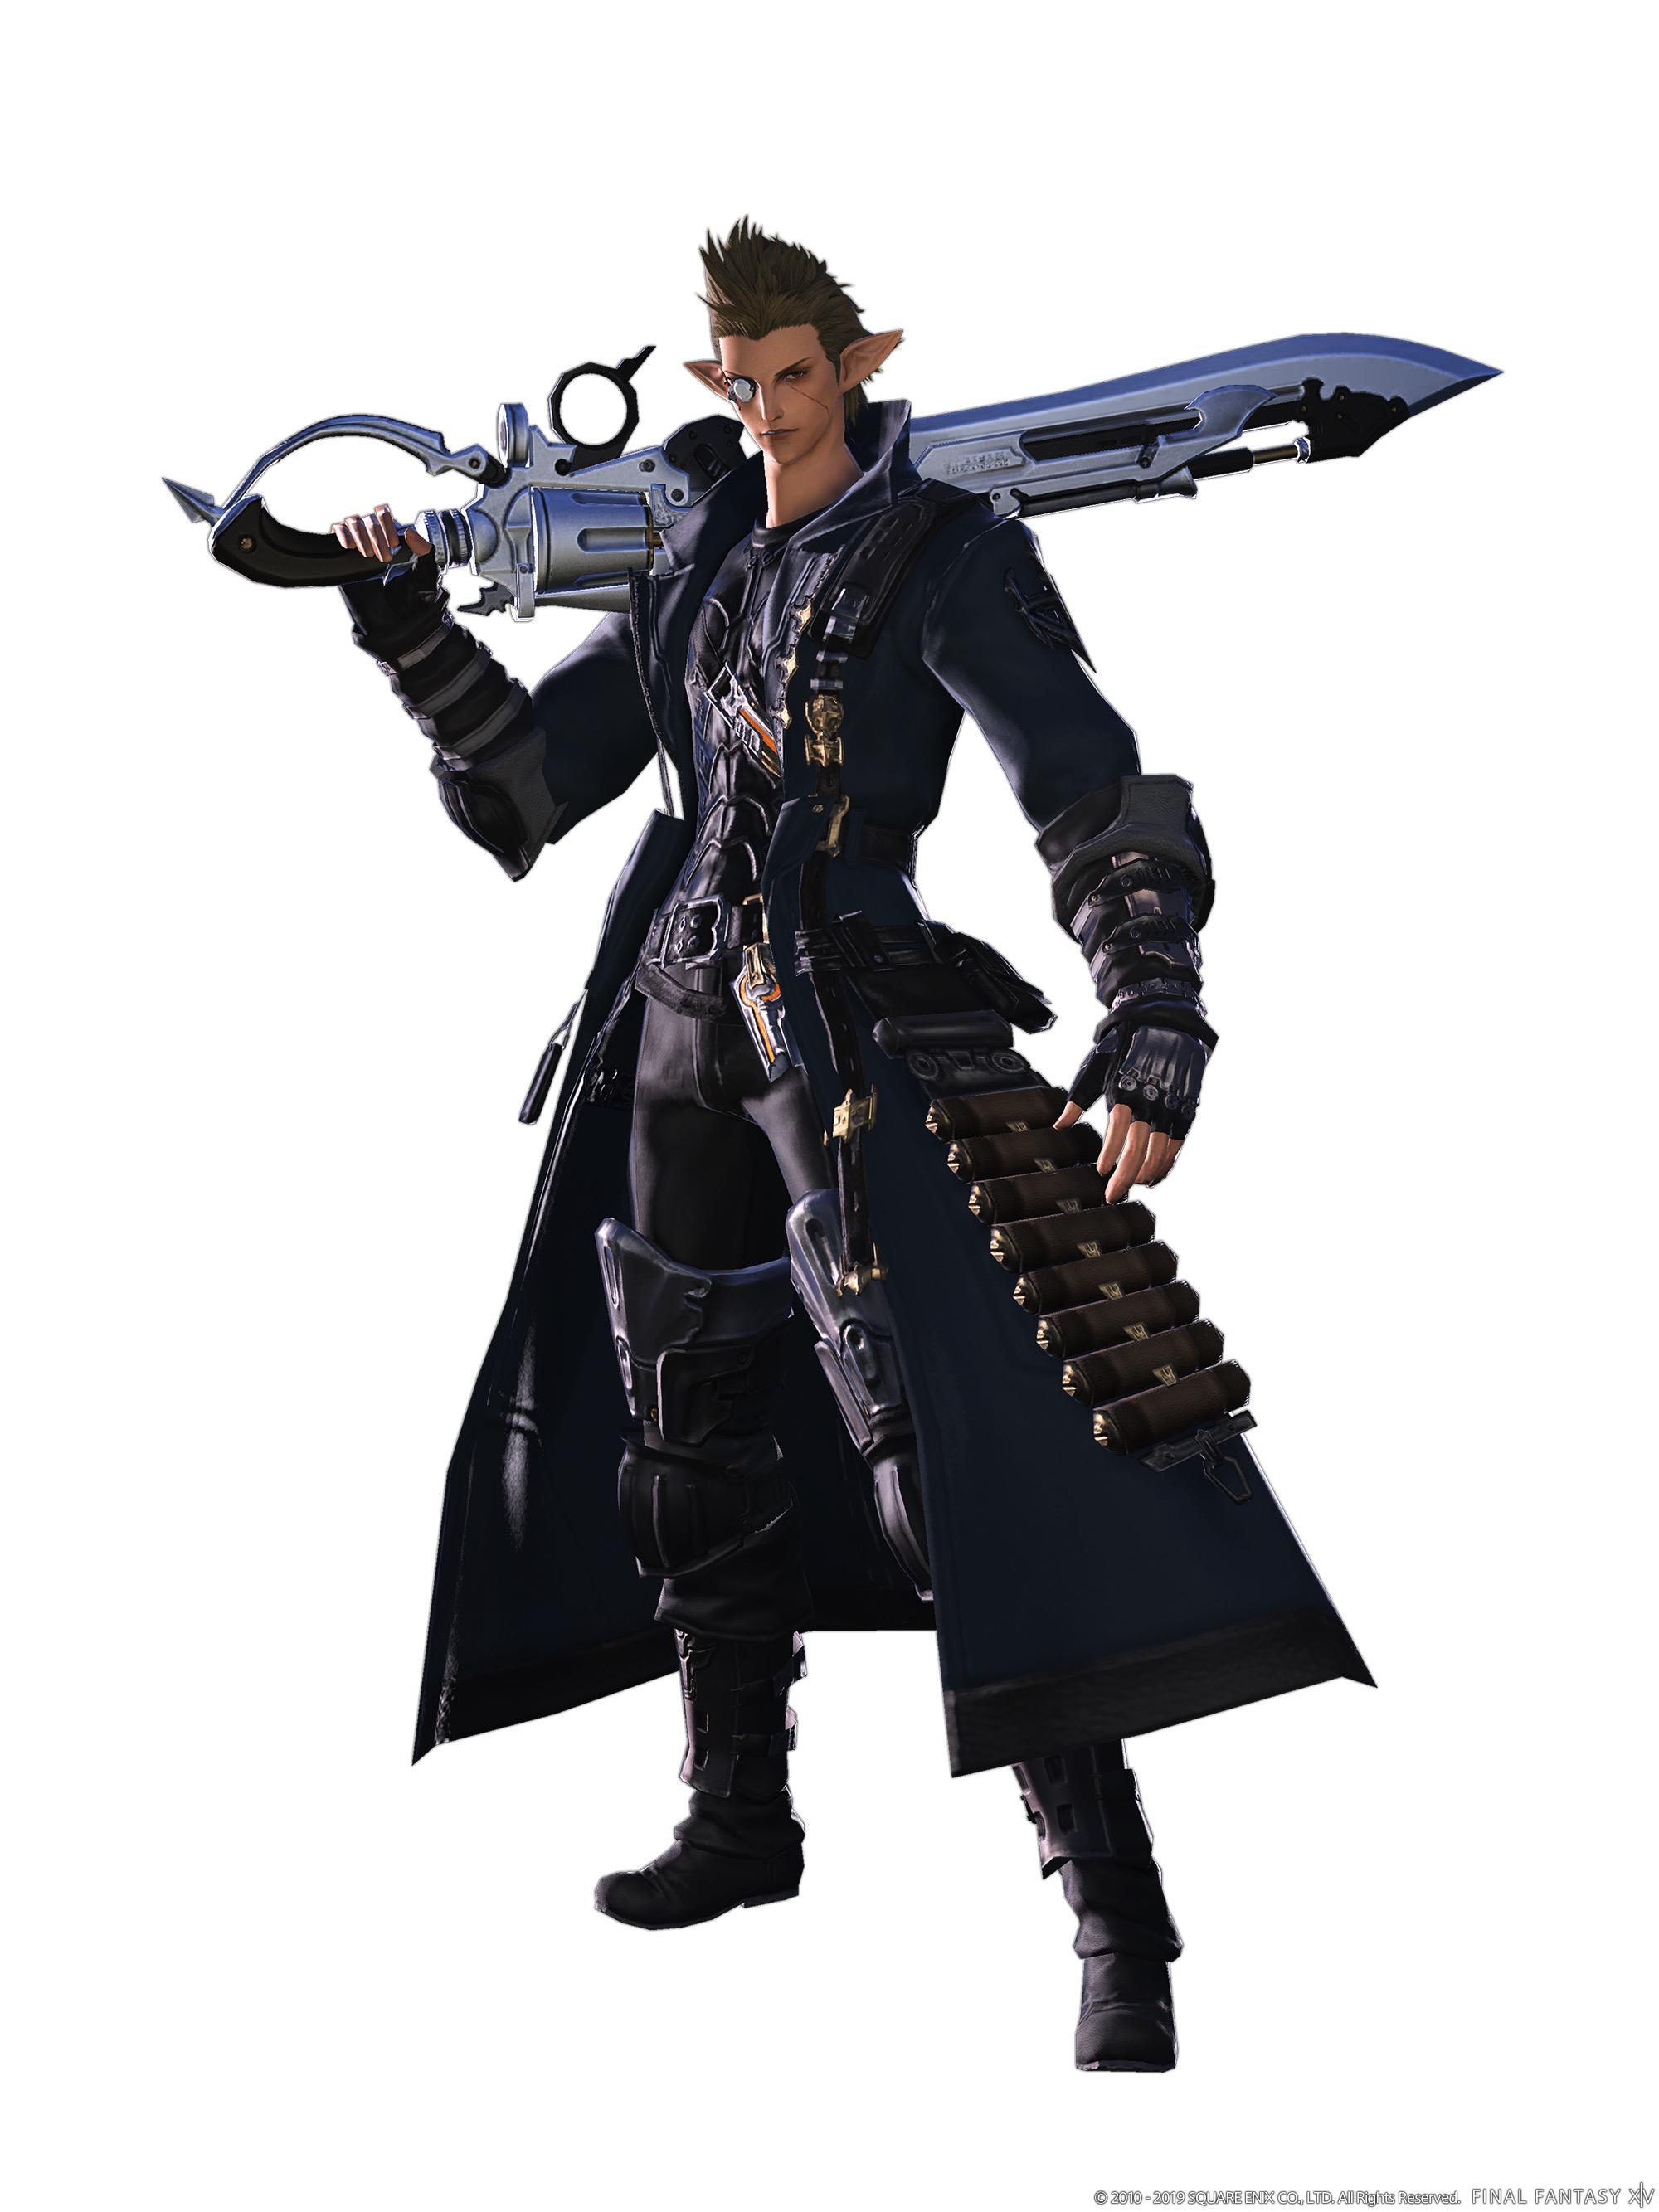 Final Fantasy XIV Gunbreaker